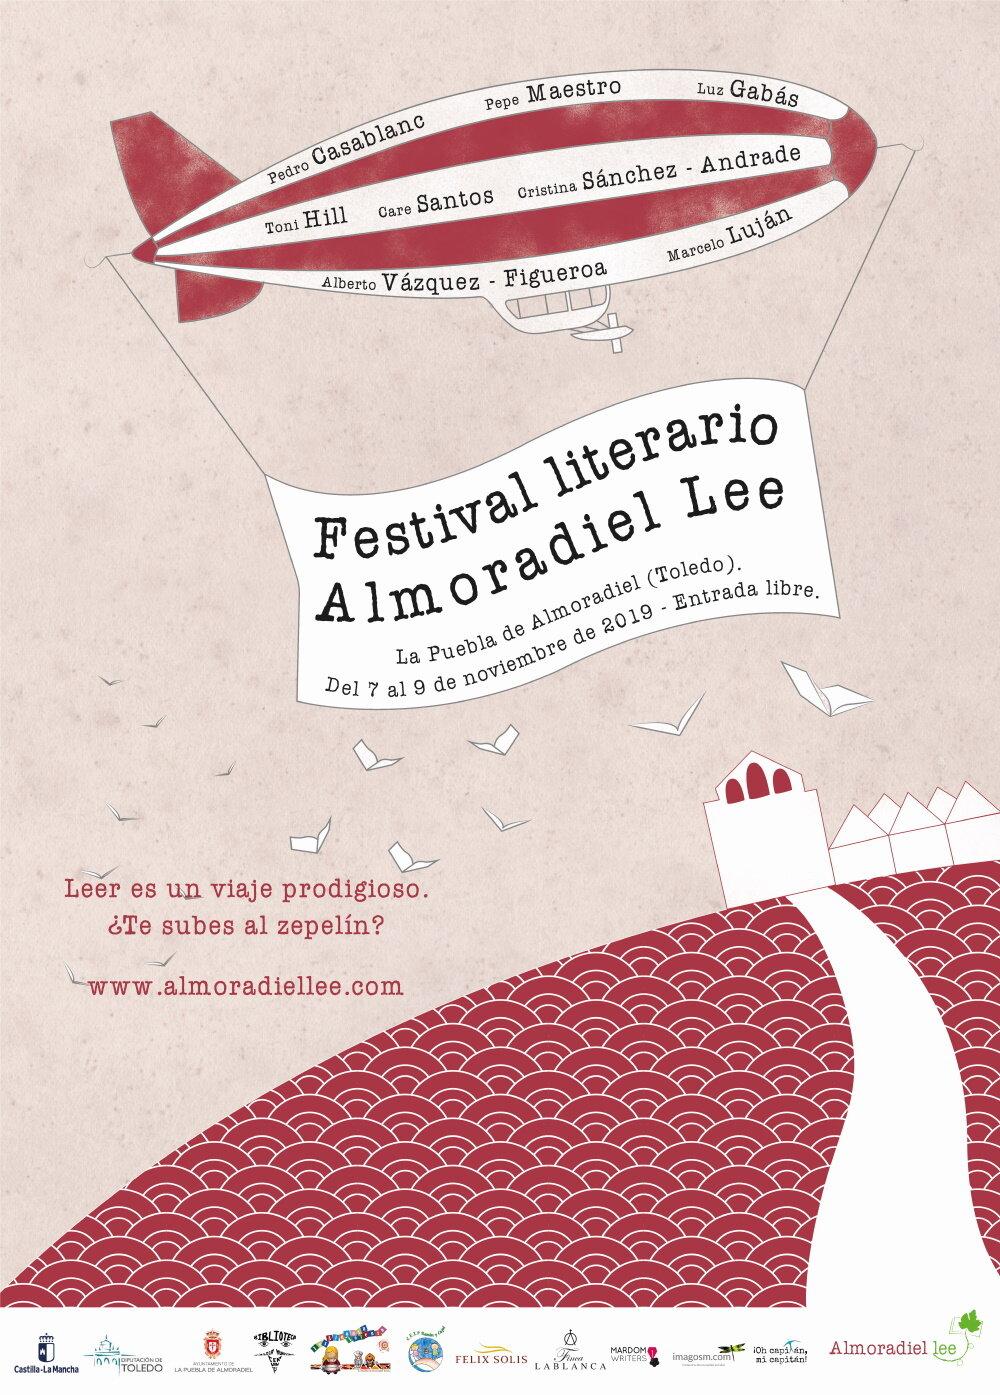 Almoradiel-Lee-cartel-1000.jpg